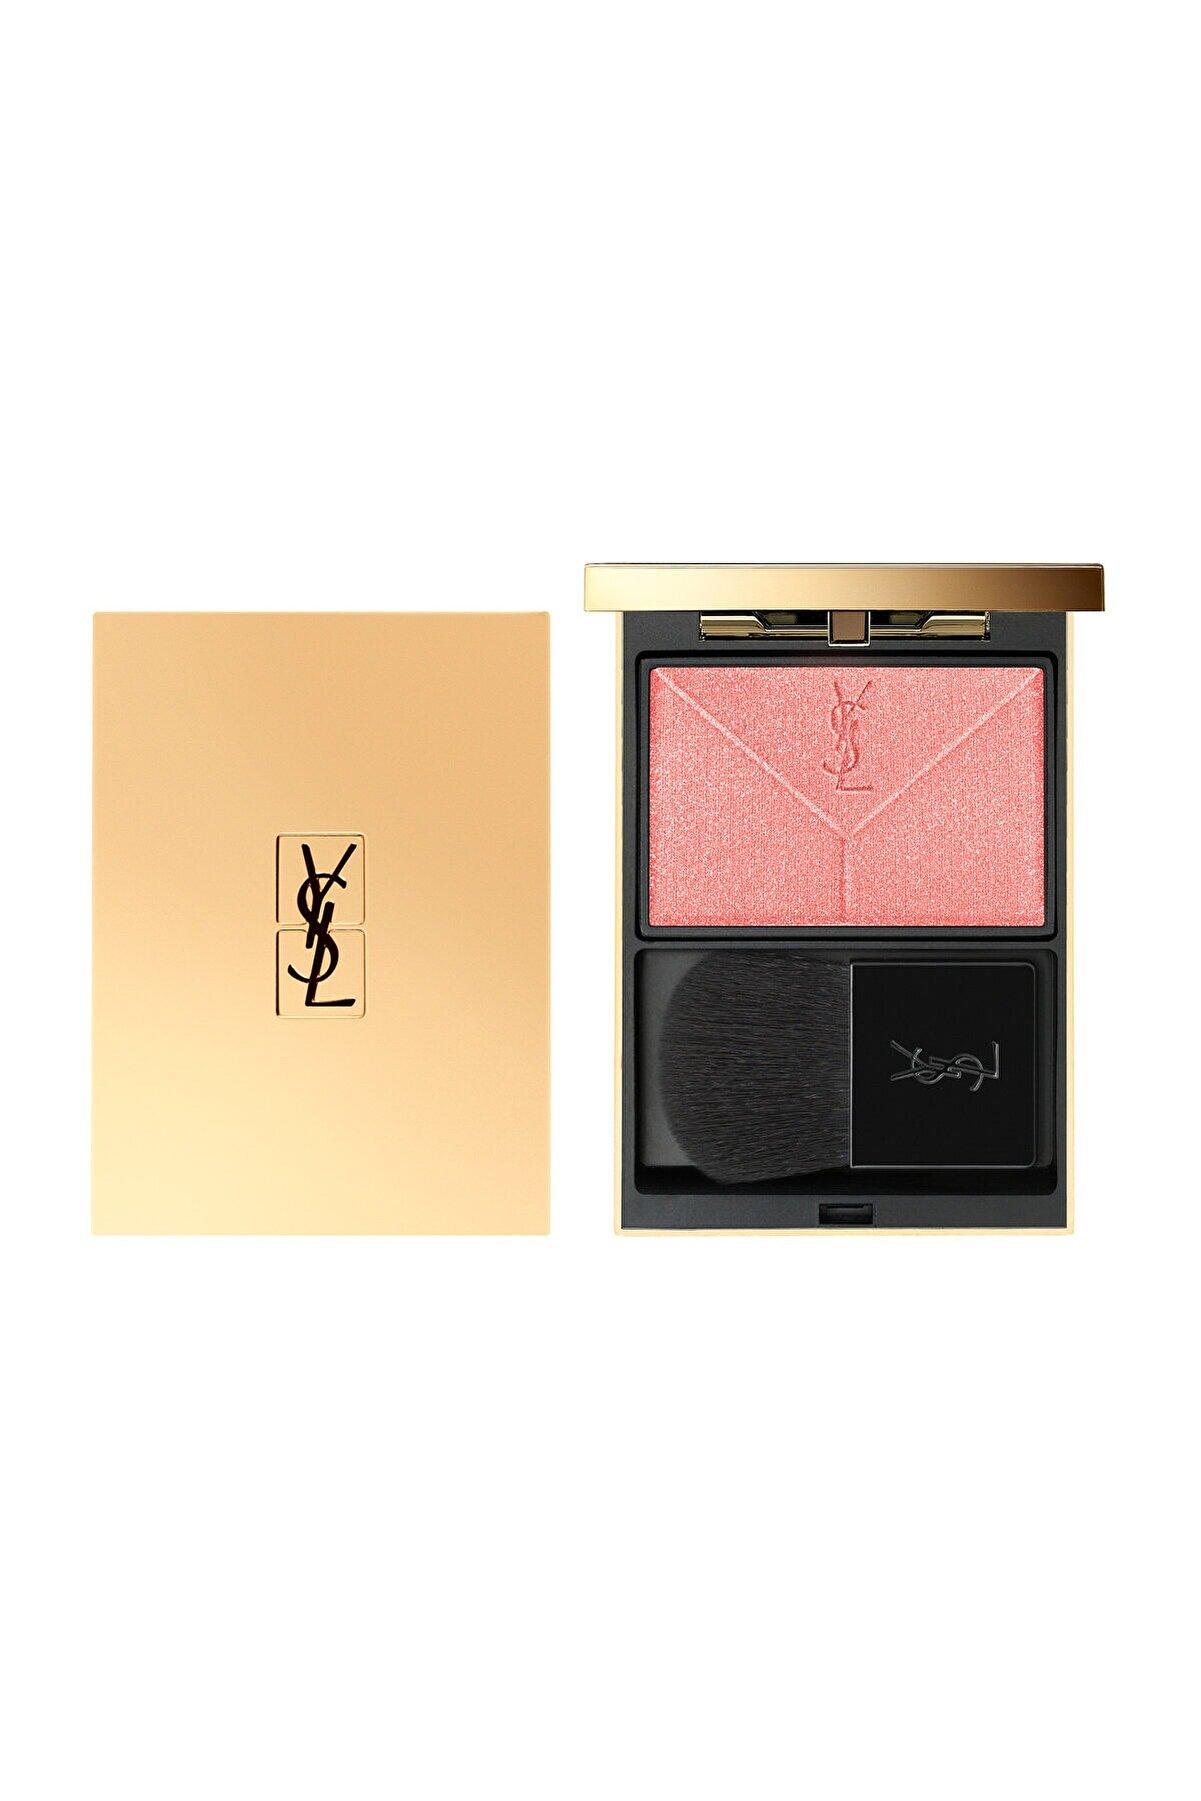 Yves Saint Laurent Couture Blush Ağırlık Yapmayan Uzun Süre Kalıcı Allık N4 - Corail Rive Gauche 3614272139008